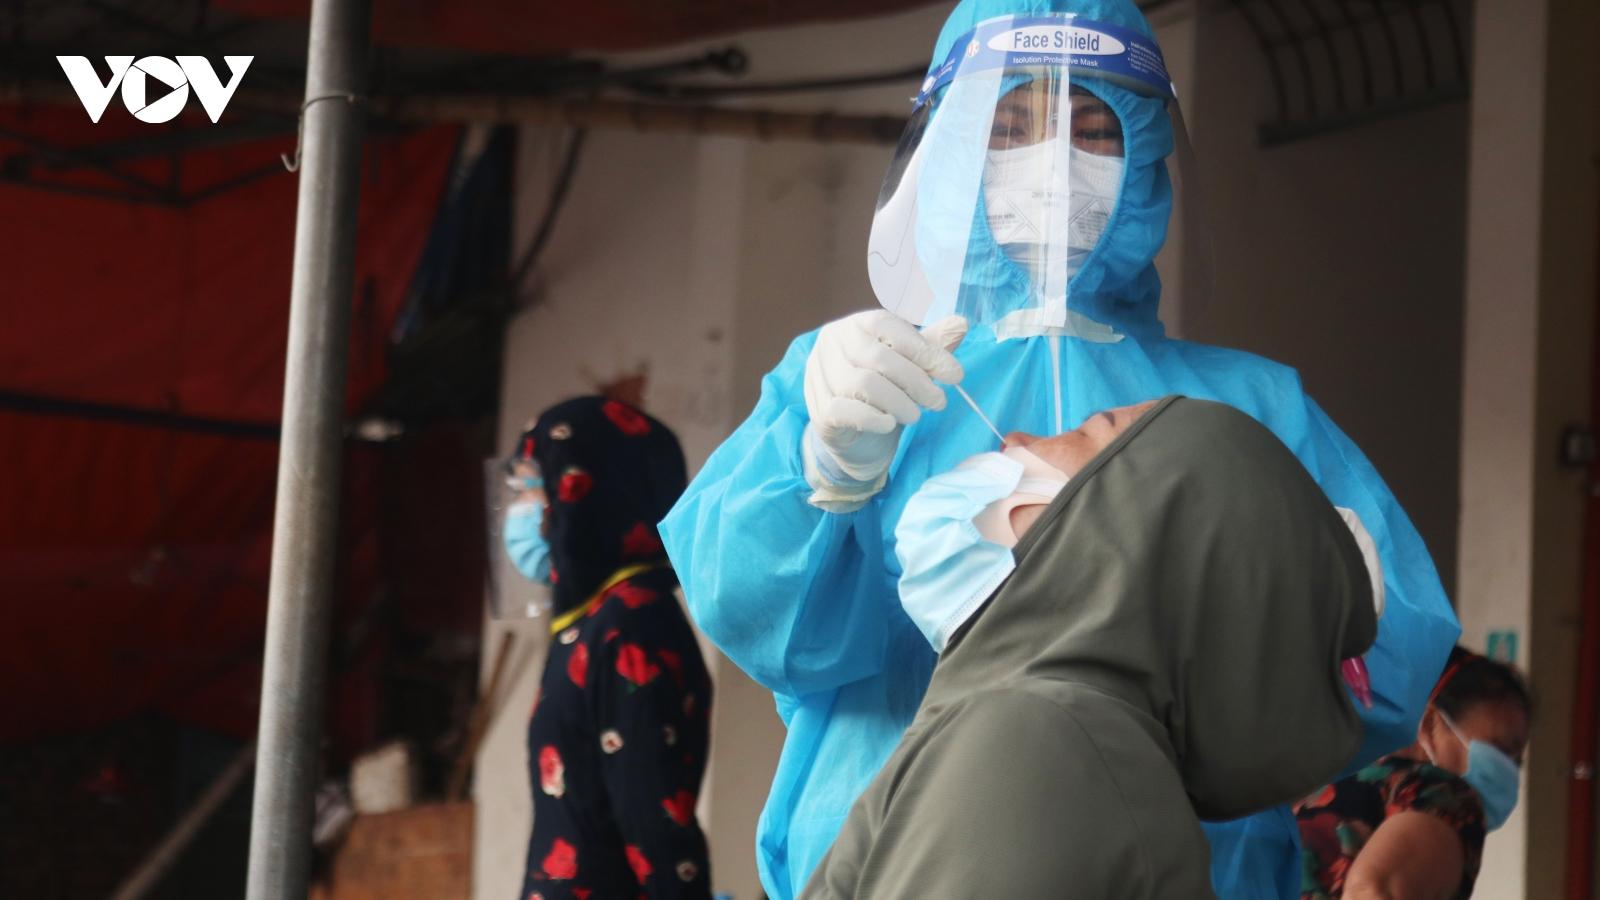 Nghệ An ghi nhận 6 ca dương tính với SARS-CoV-2, có 3 người trong 1 gia đình